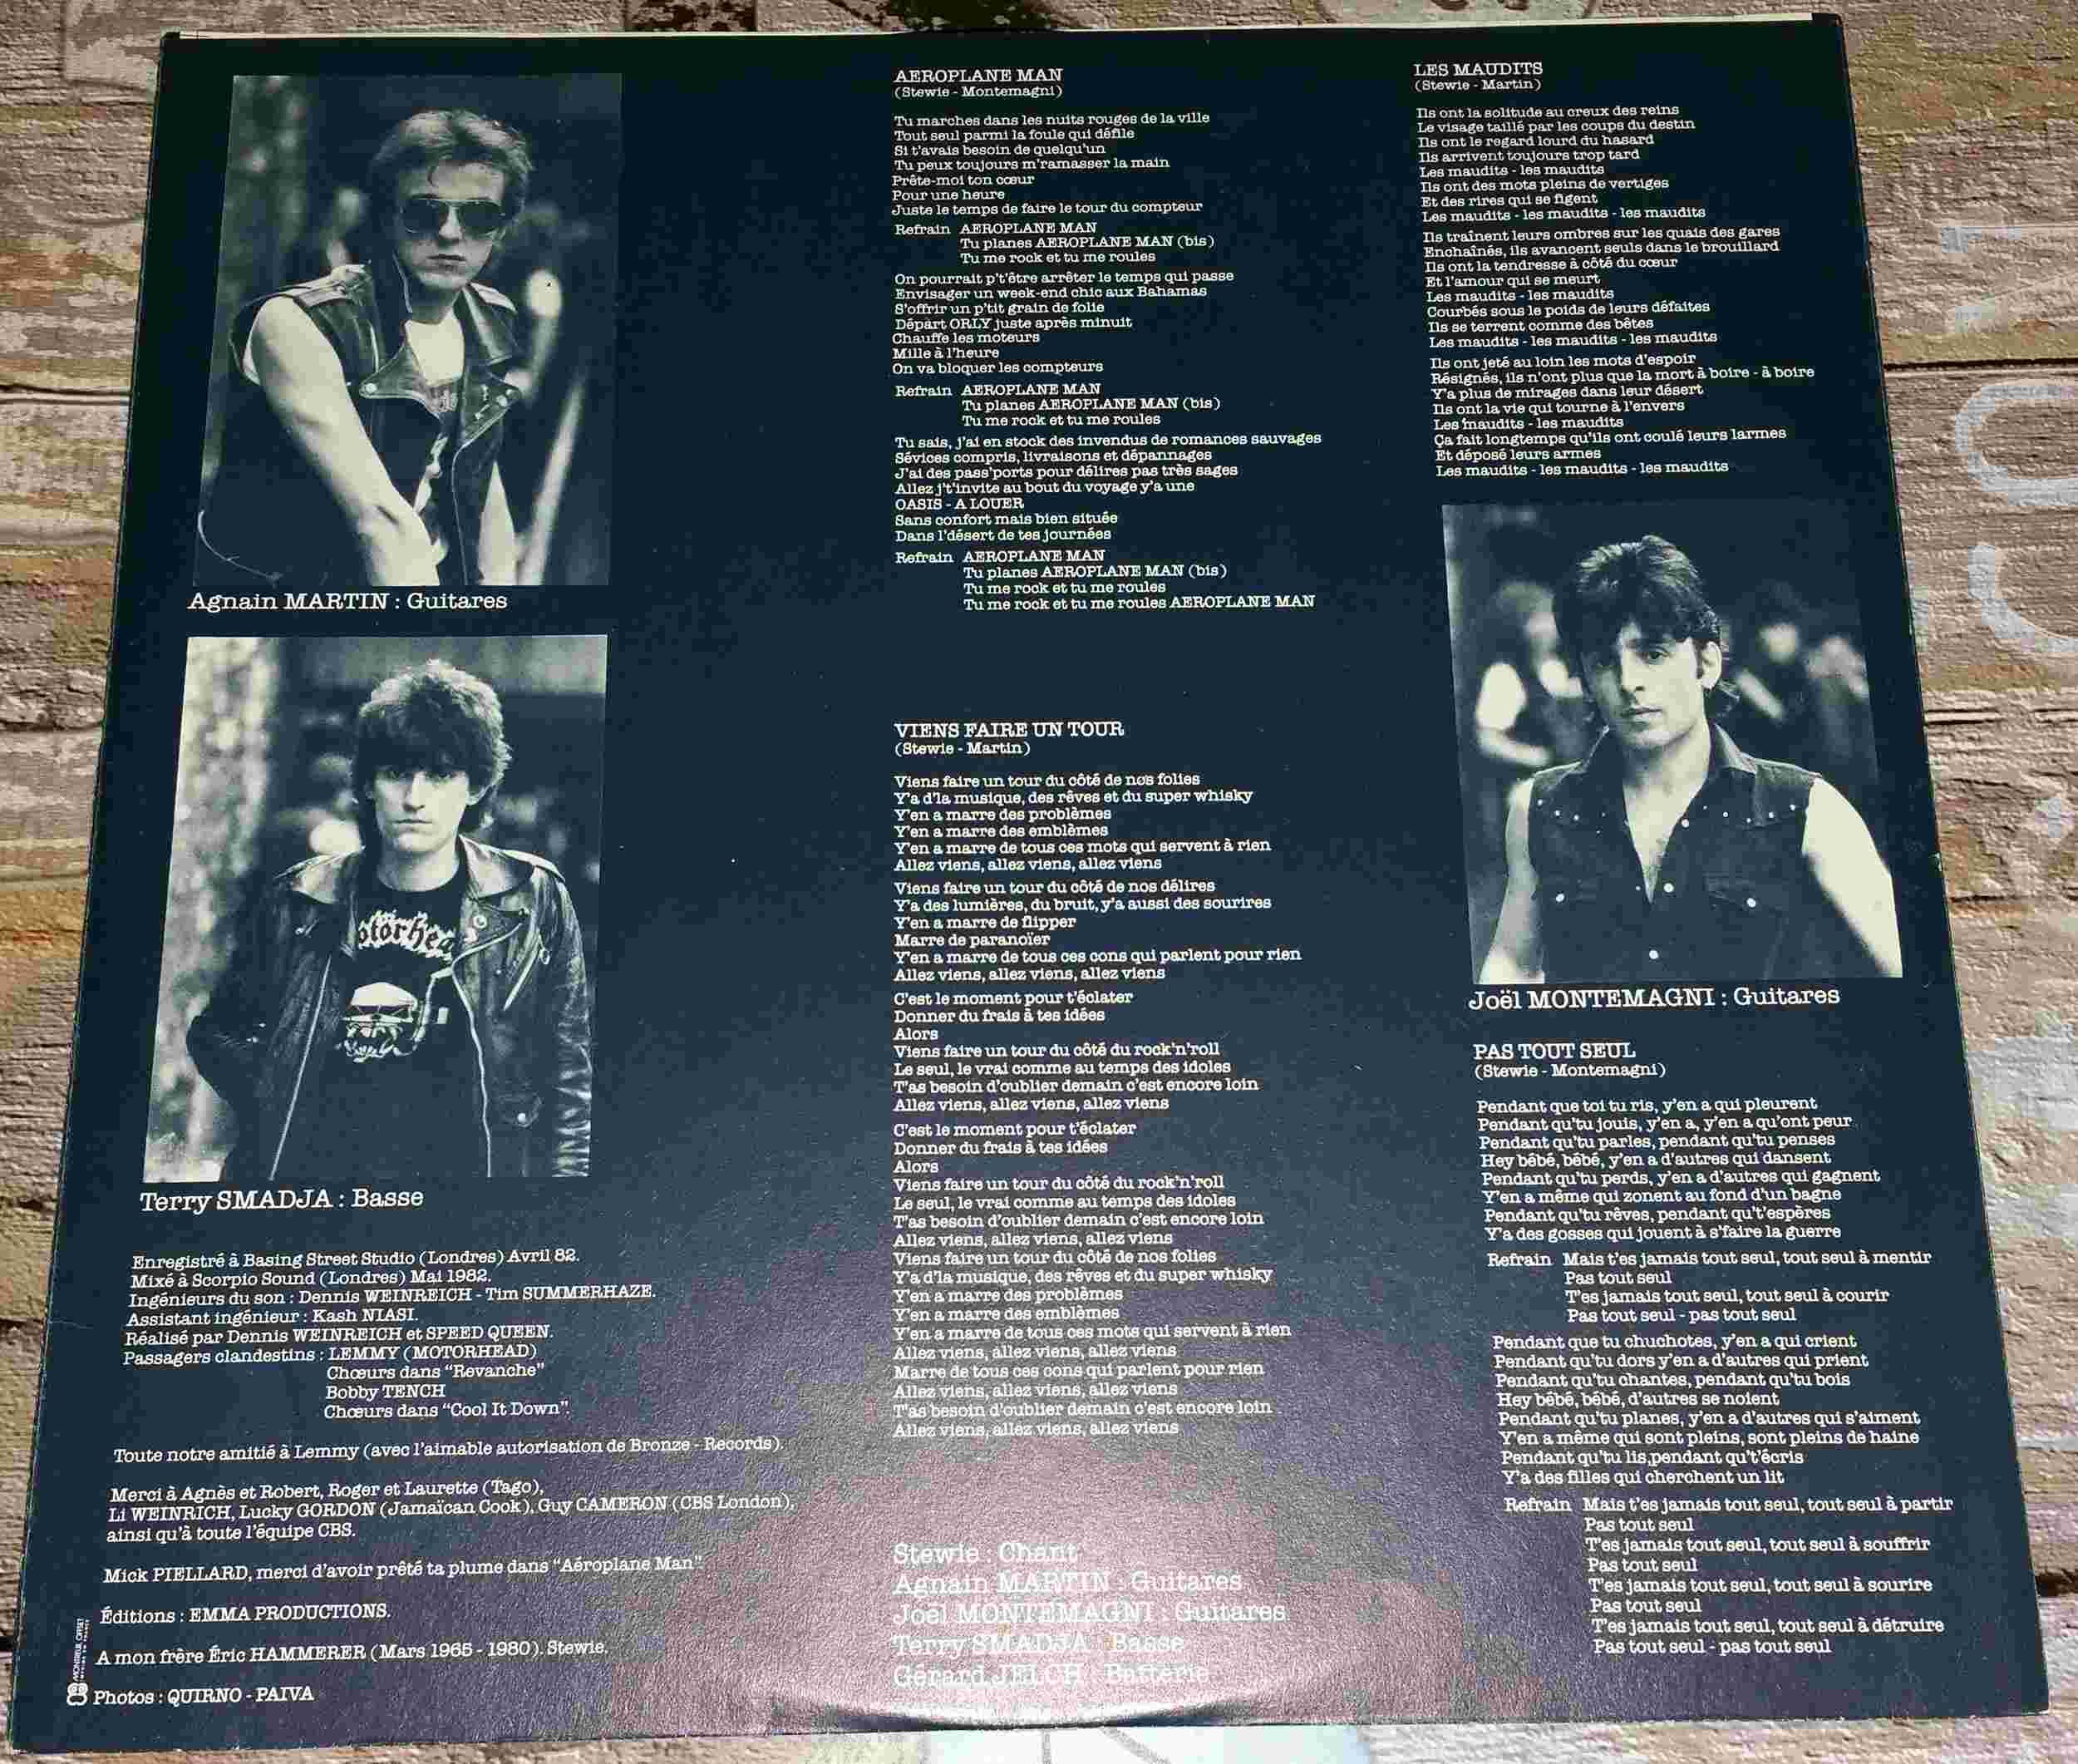 SPEED QUEEN Speed Queen (1982) Toutes les paroles de l'album ... 20160315